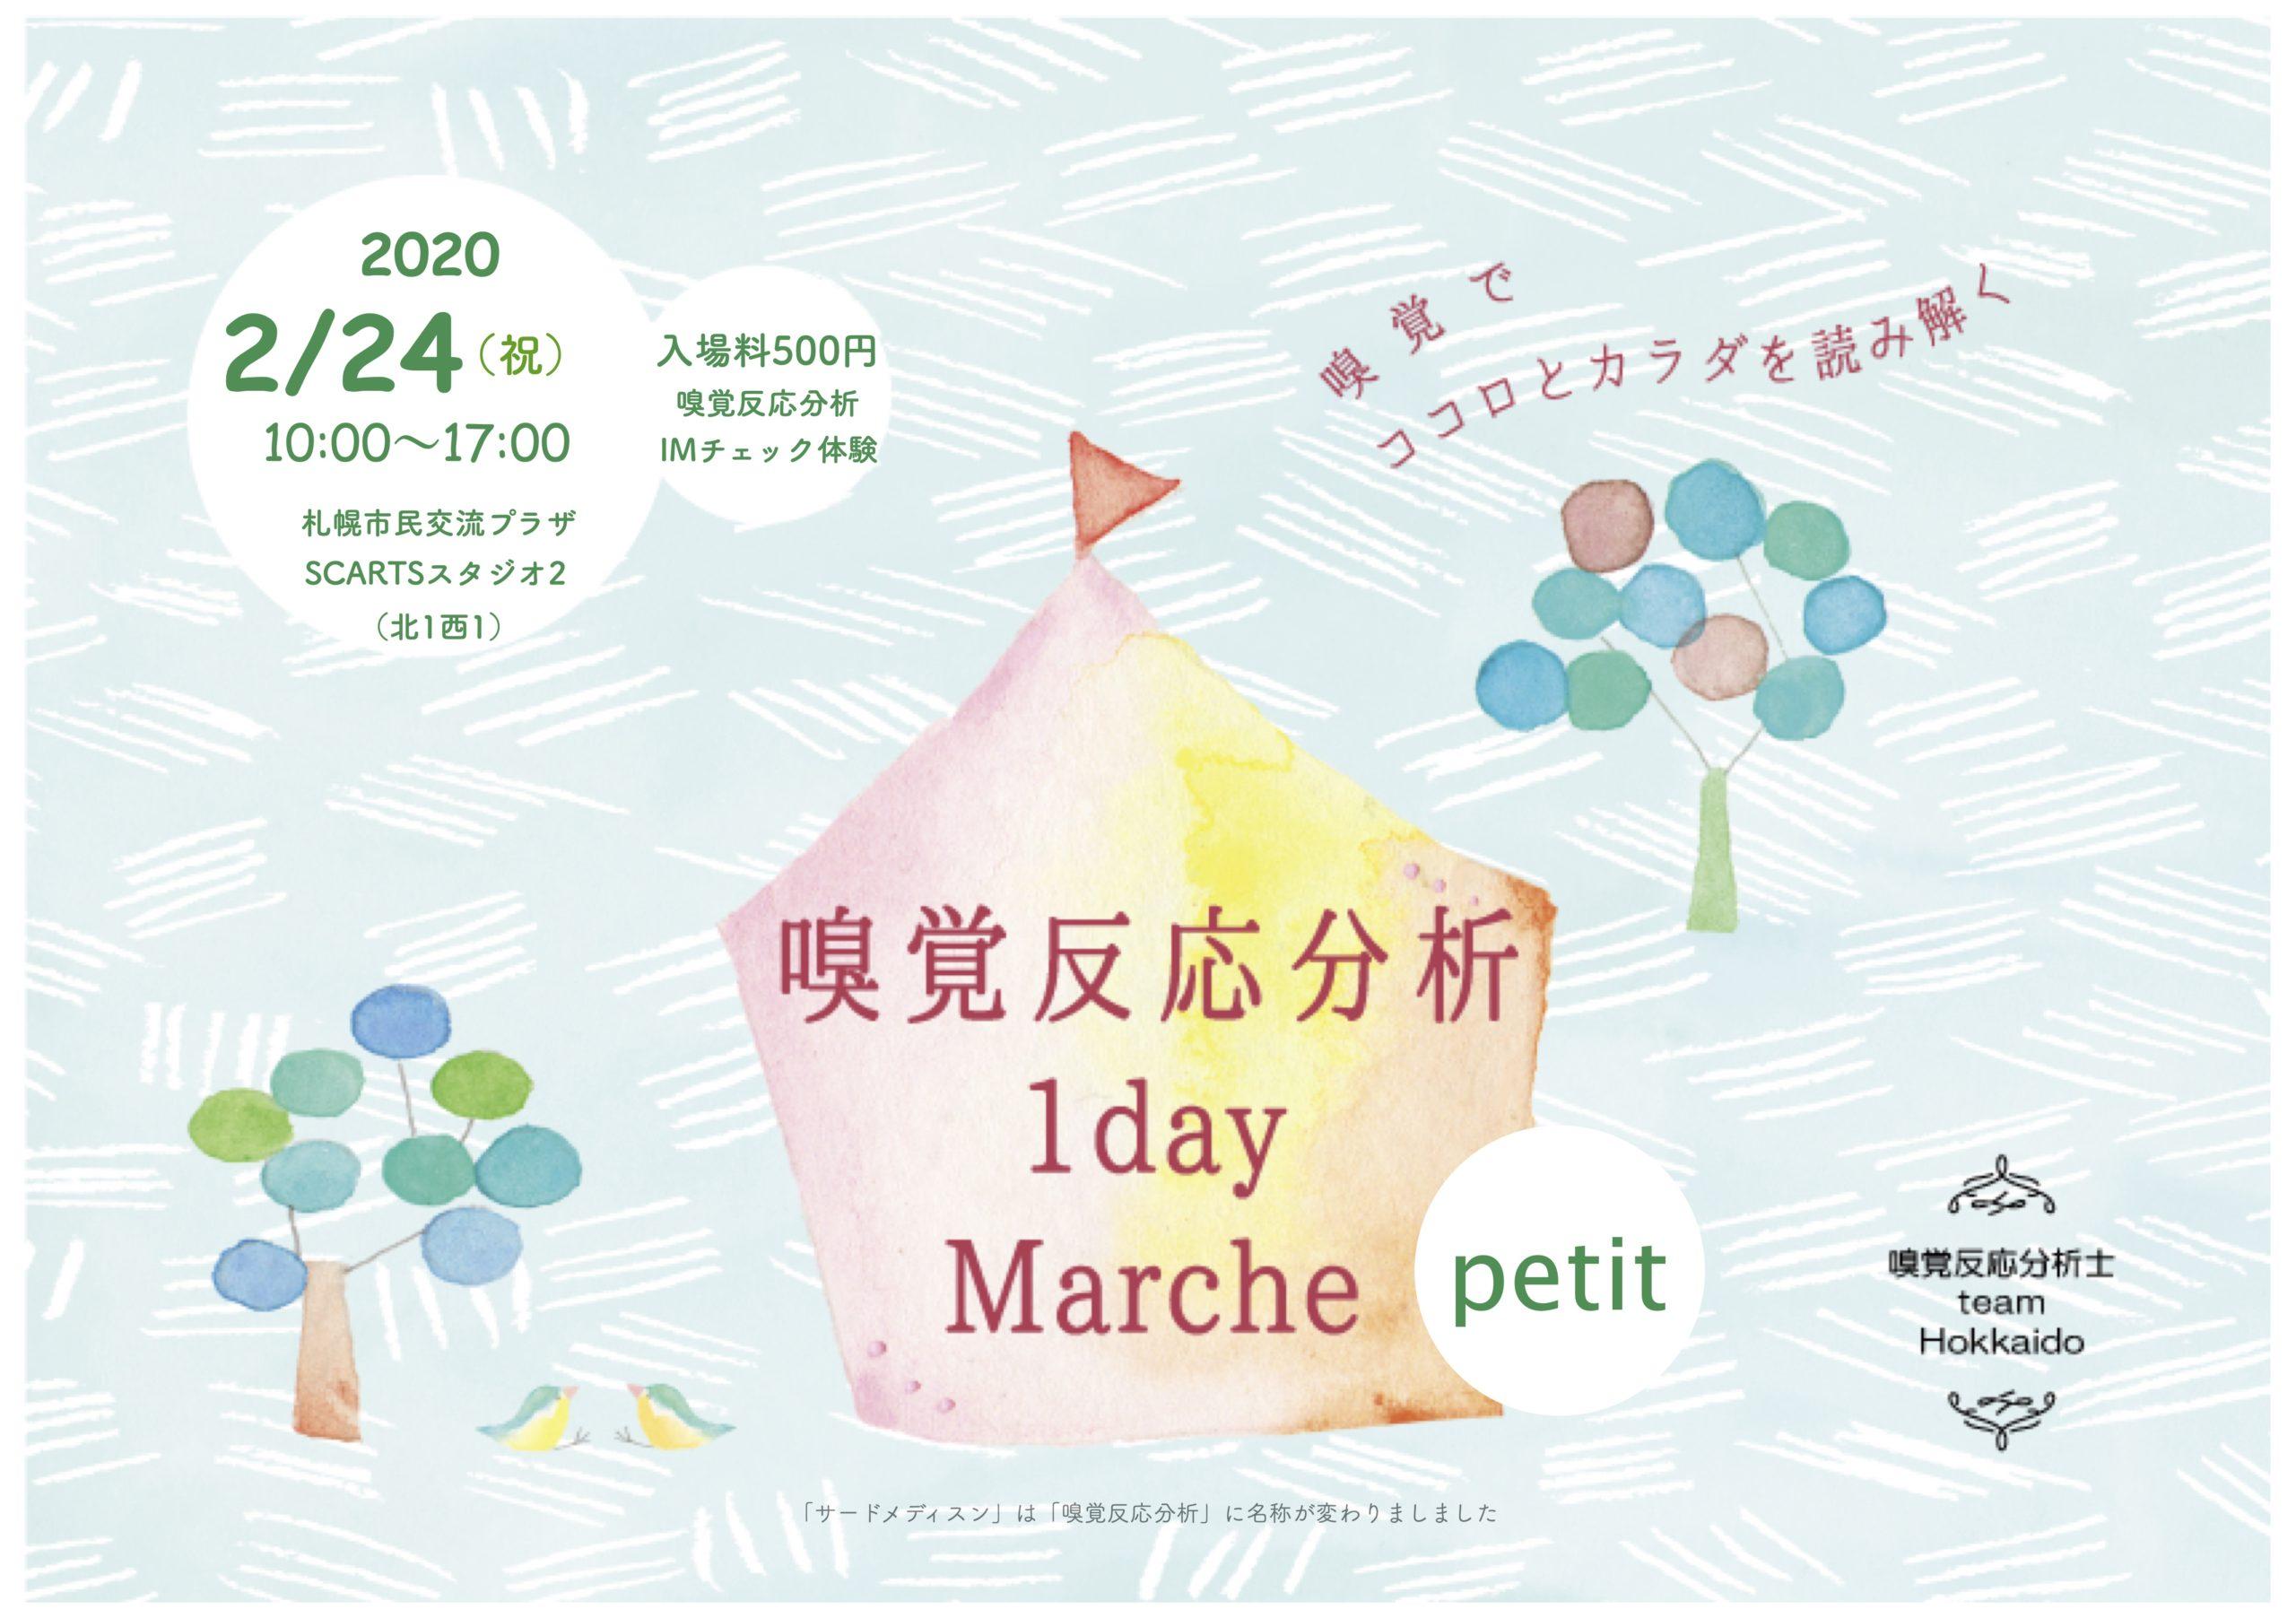 (中止)2/24  嗅覚反応分析1day マルシェ プチ